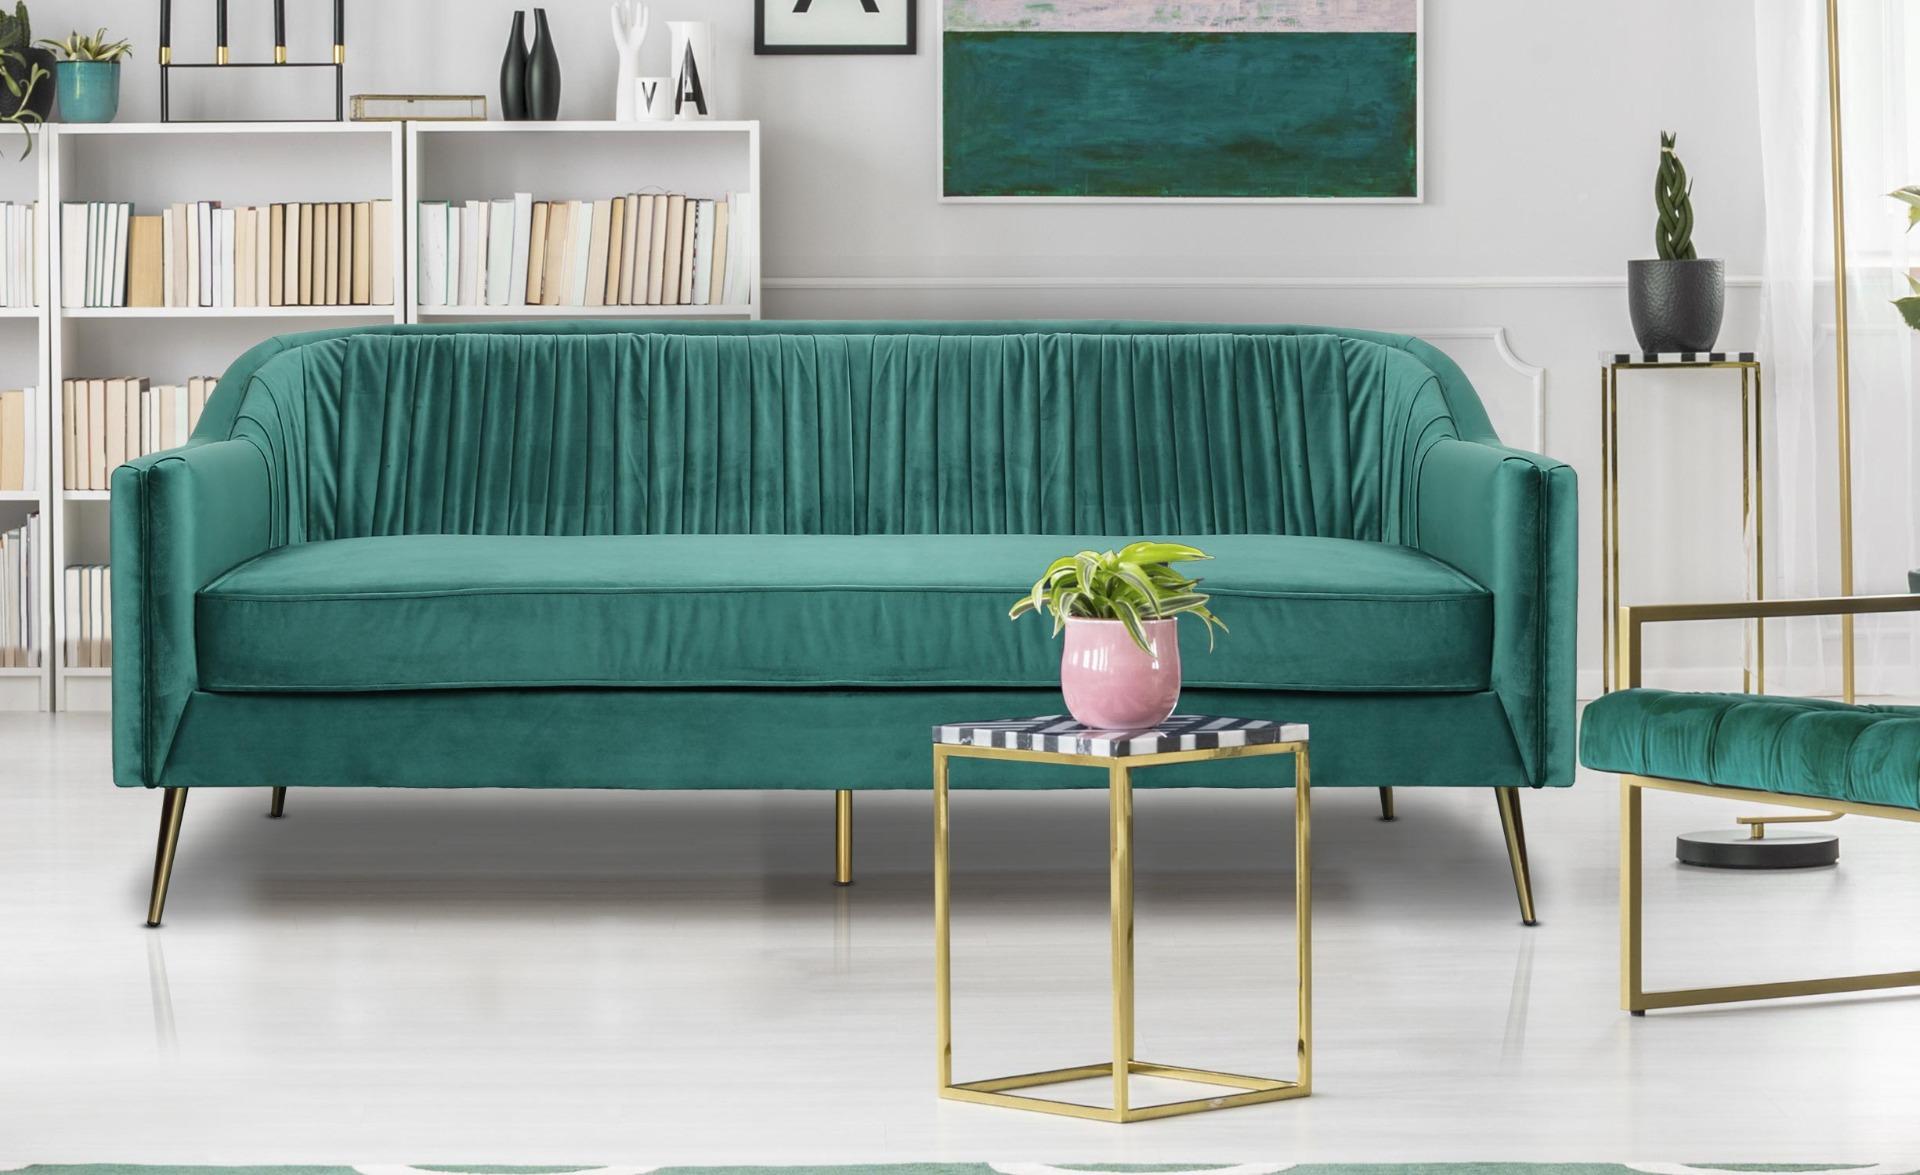 3-zitsbank Tela groen fluweel met gouden poten